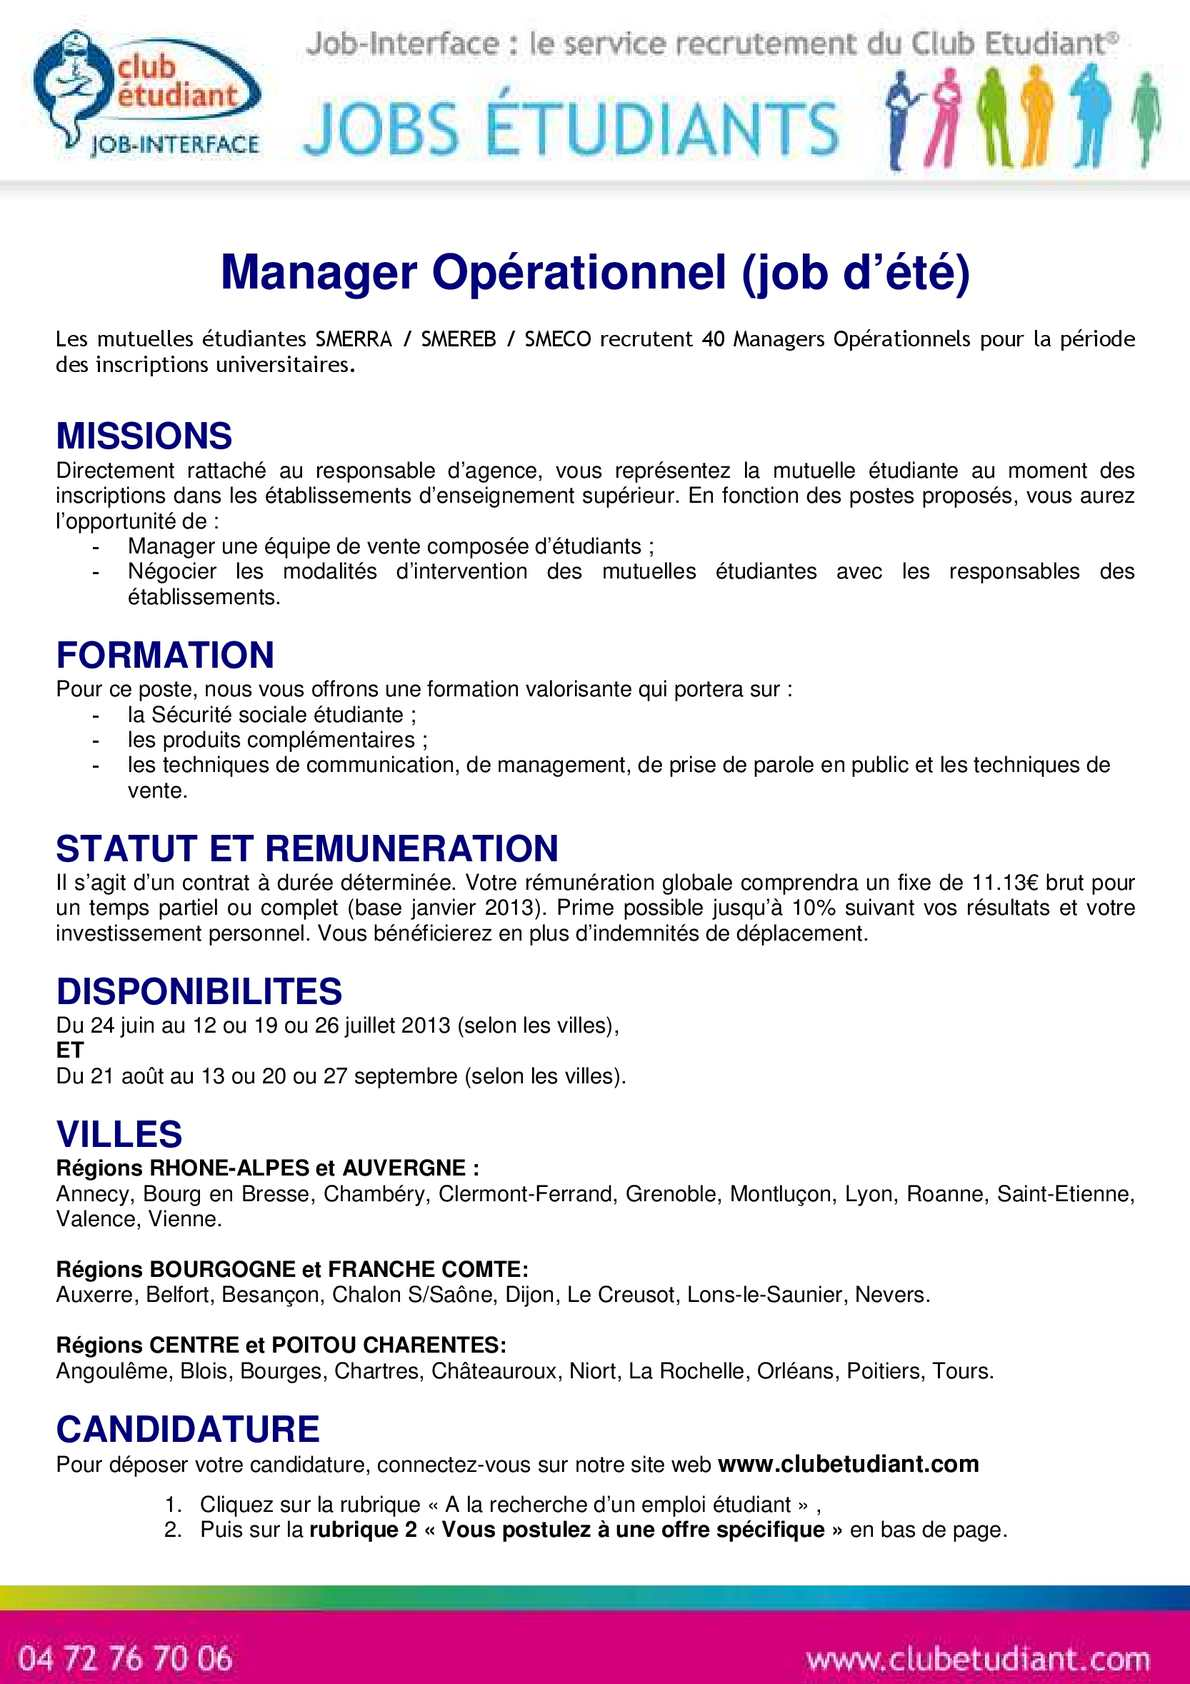 Calaméo - Fiche de poste Manager Opérationnel 2013 SMECO